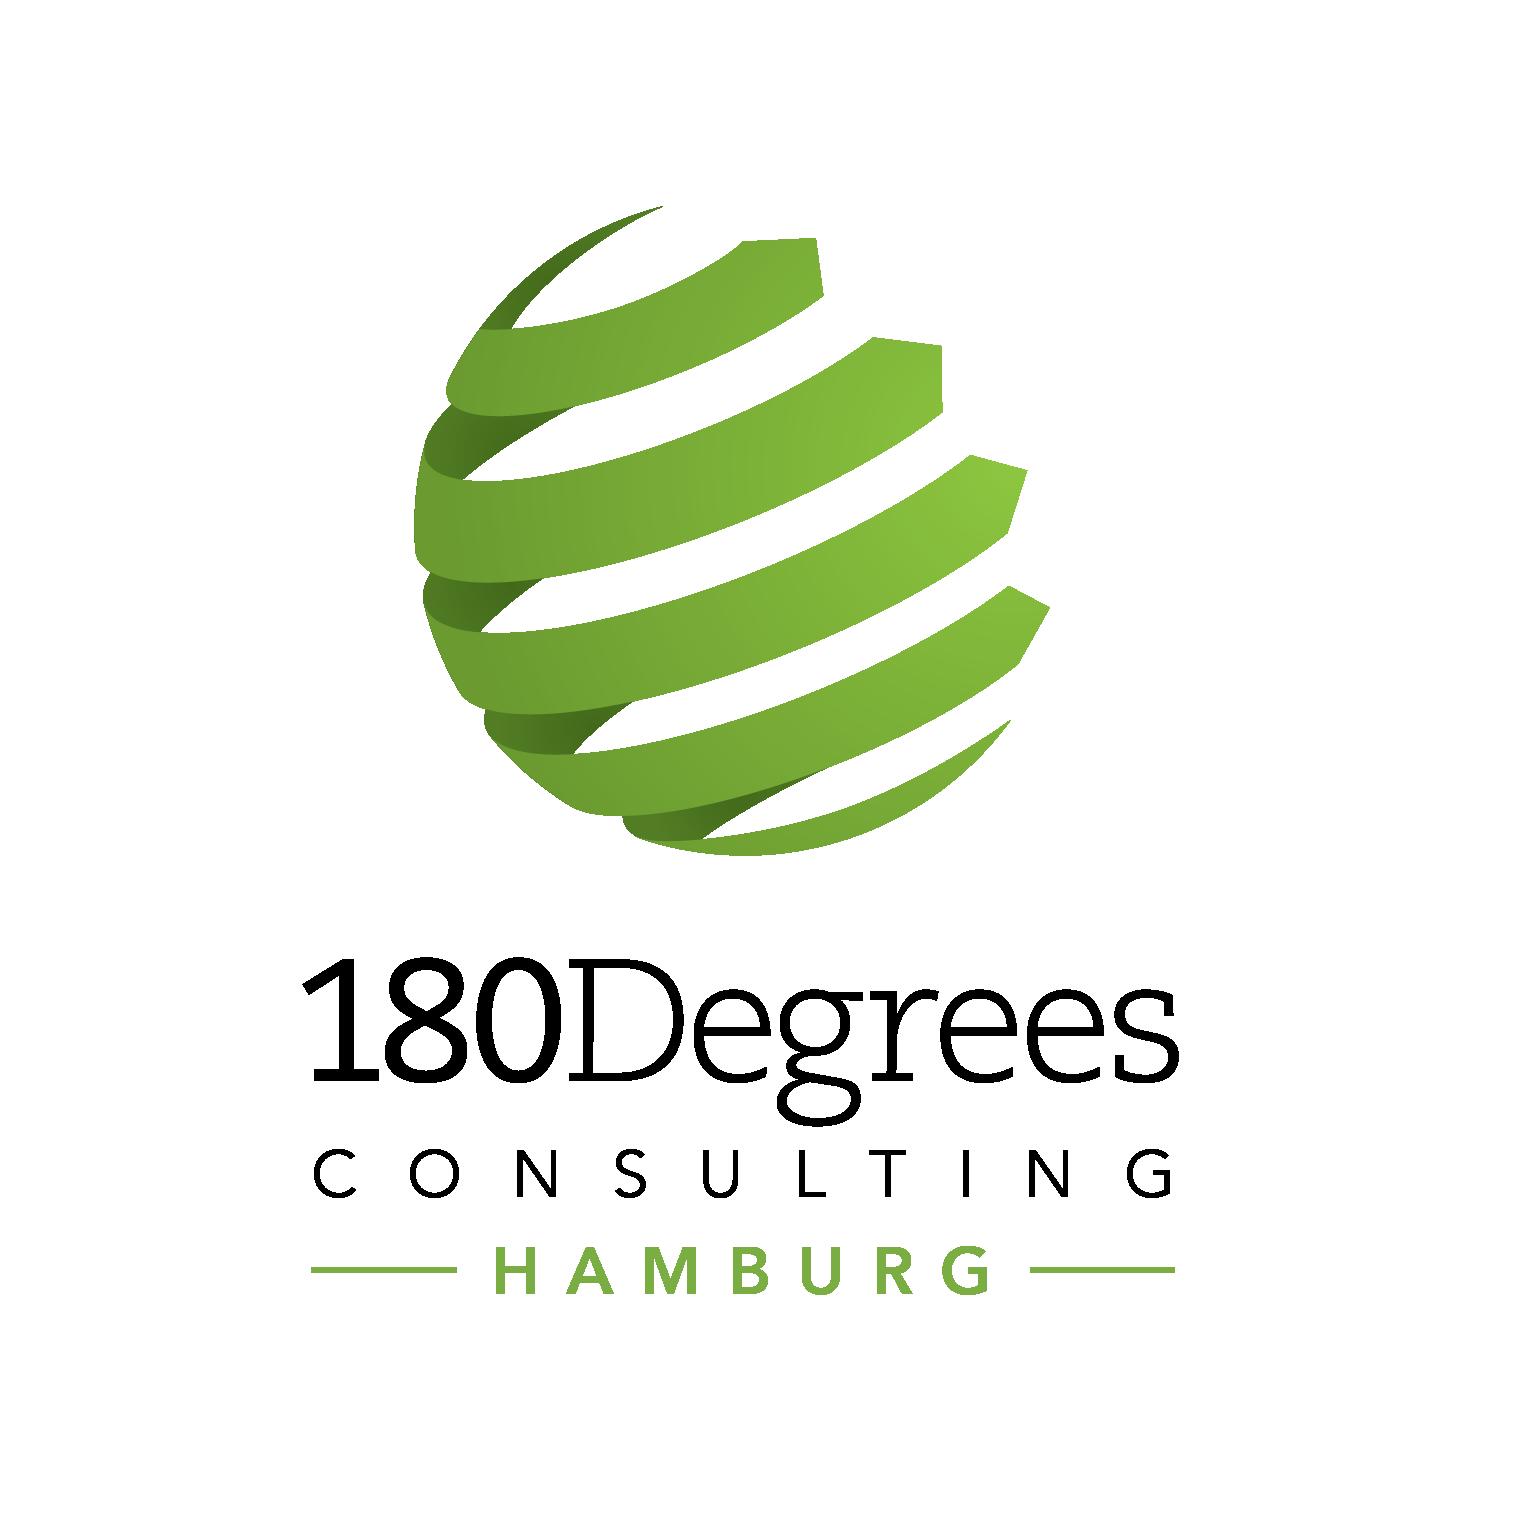 Logo 180 Degrees Consulting Hamburg e.V.